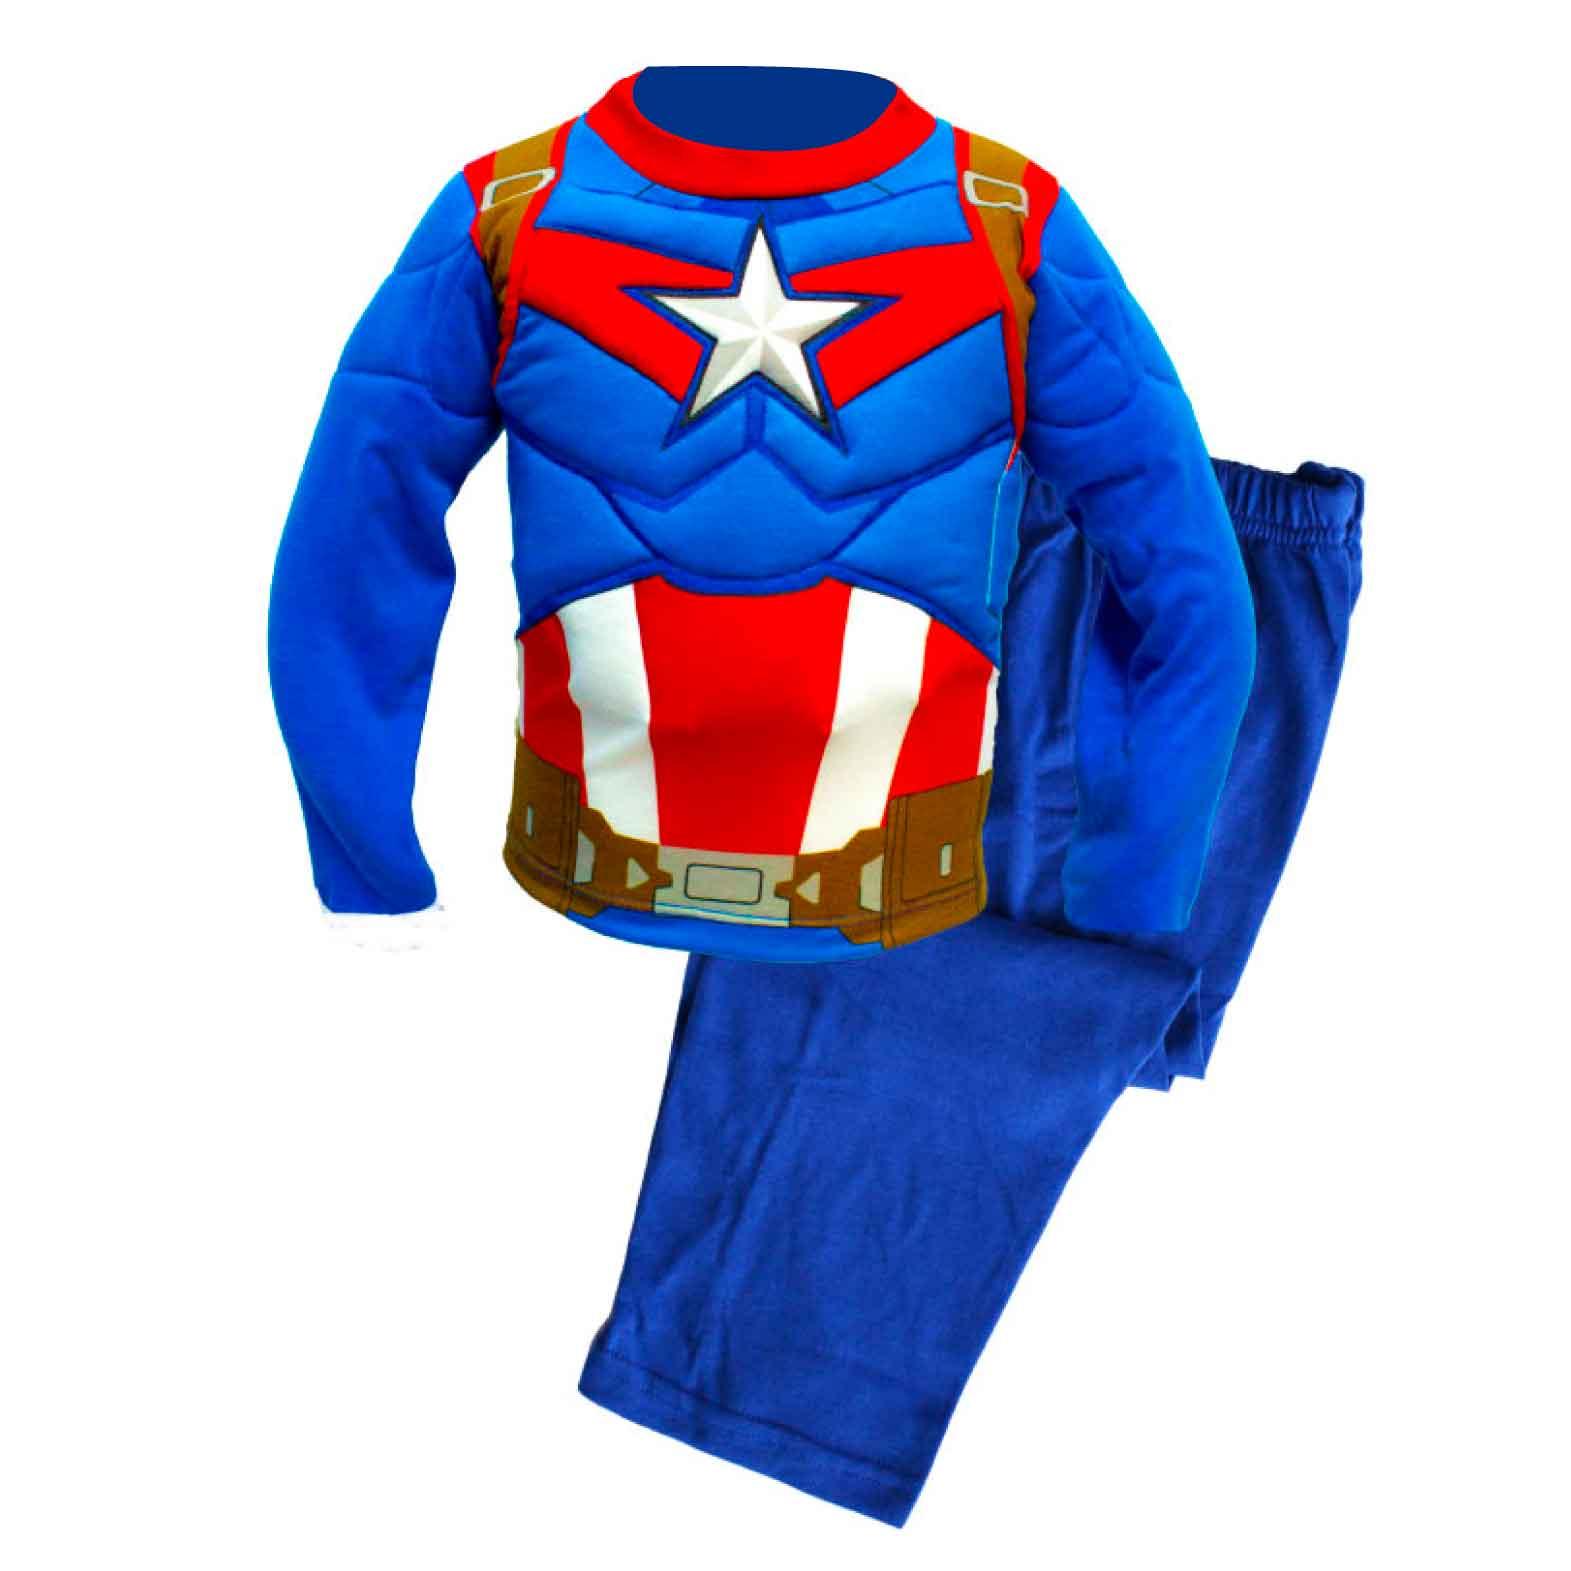 9a356ac6cf Pijama con musculo de Capitan America – Enanitos